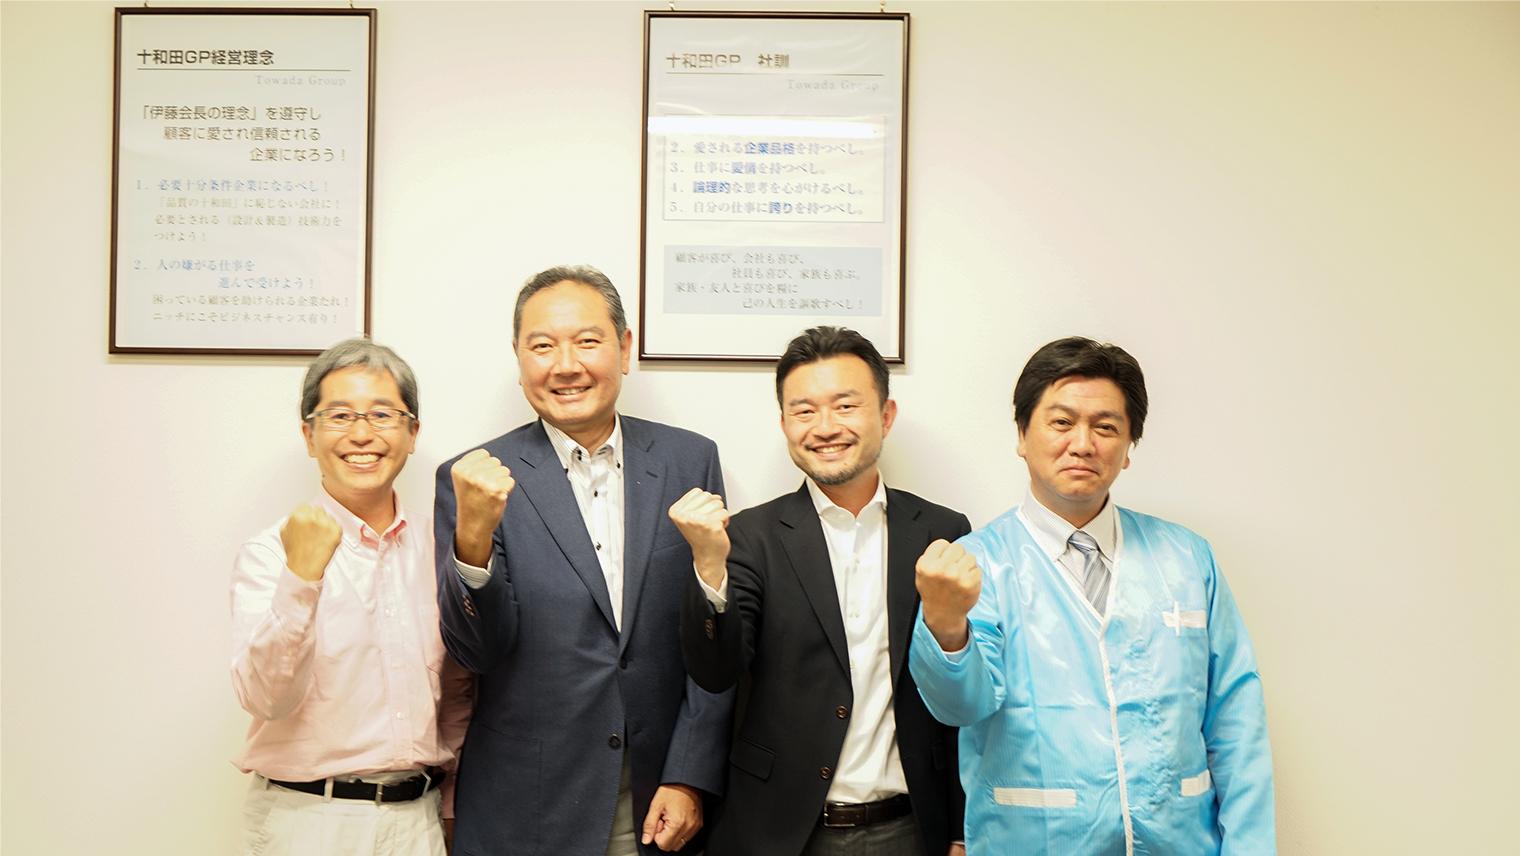 SSAP舟越、十和田オーディオ 蒲生さん、SSAP小田島、十和田オーディオ 佐藤さん